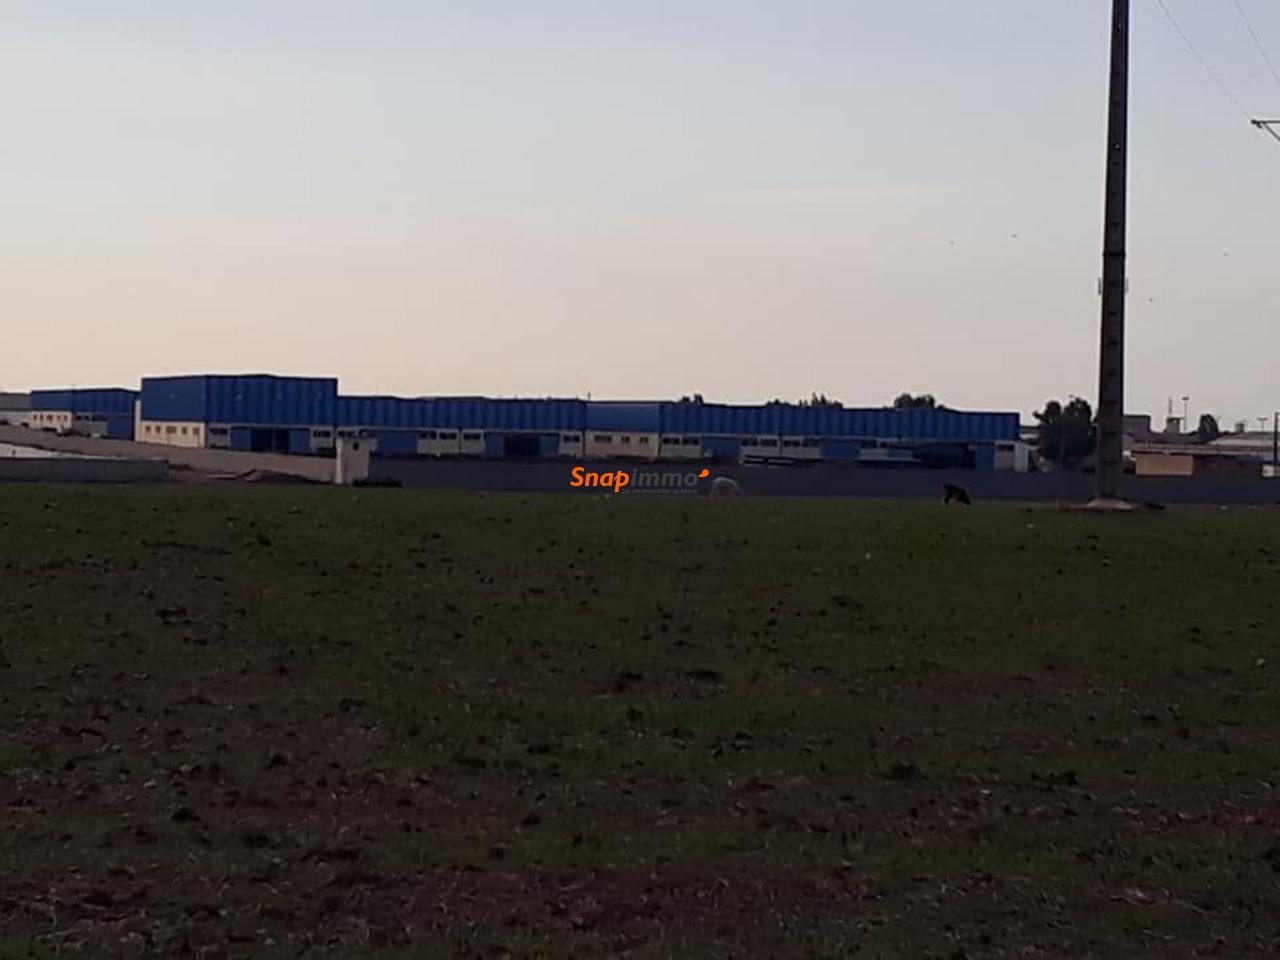 Vente terrain à Casablanca au prix de 800 dhs/m² Gsm 0637846987 / 0617016696 - 4/6